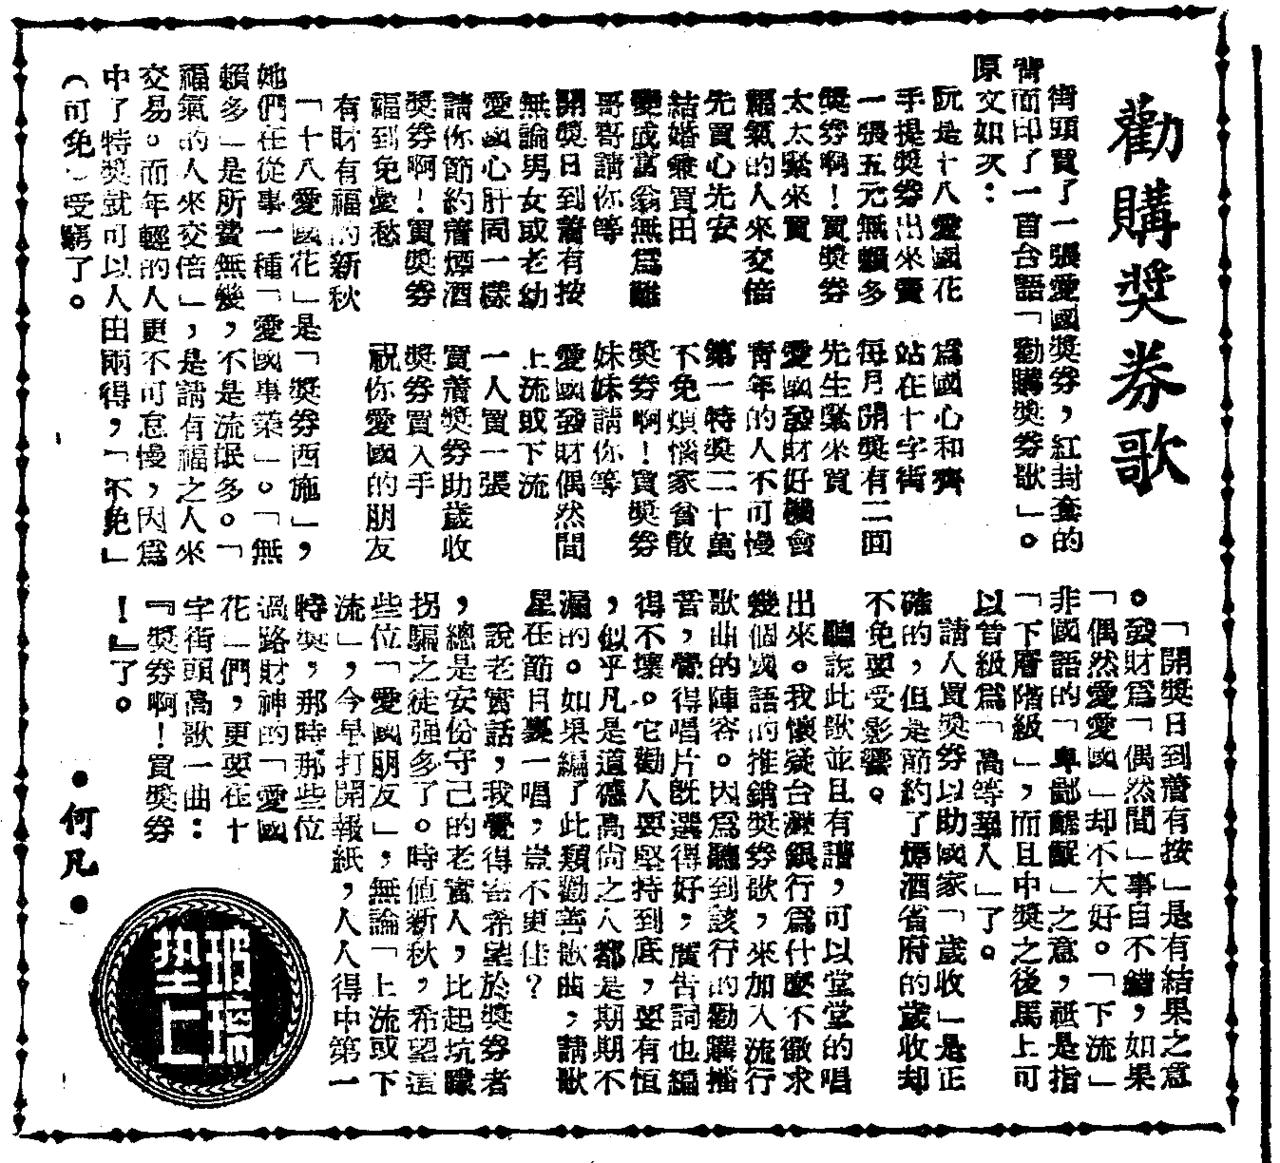 《聯合報》1955年08月21日,第6版聯合副刊。(圖/聯合報系新聞資料庫照片)